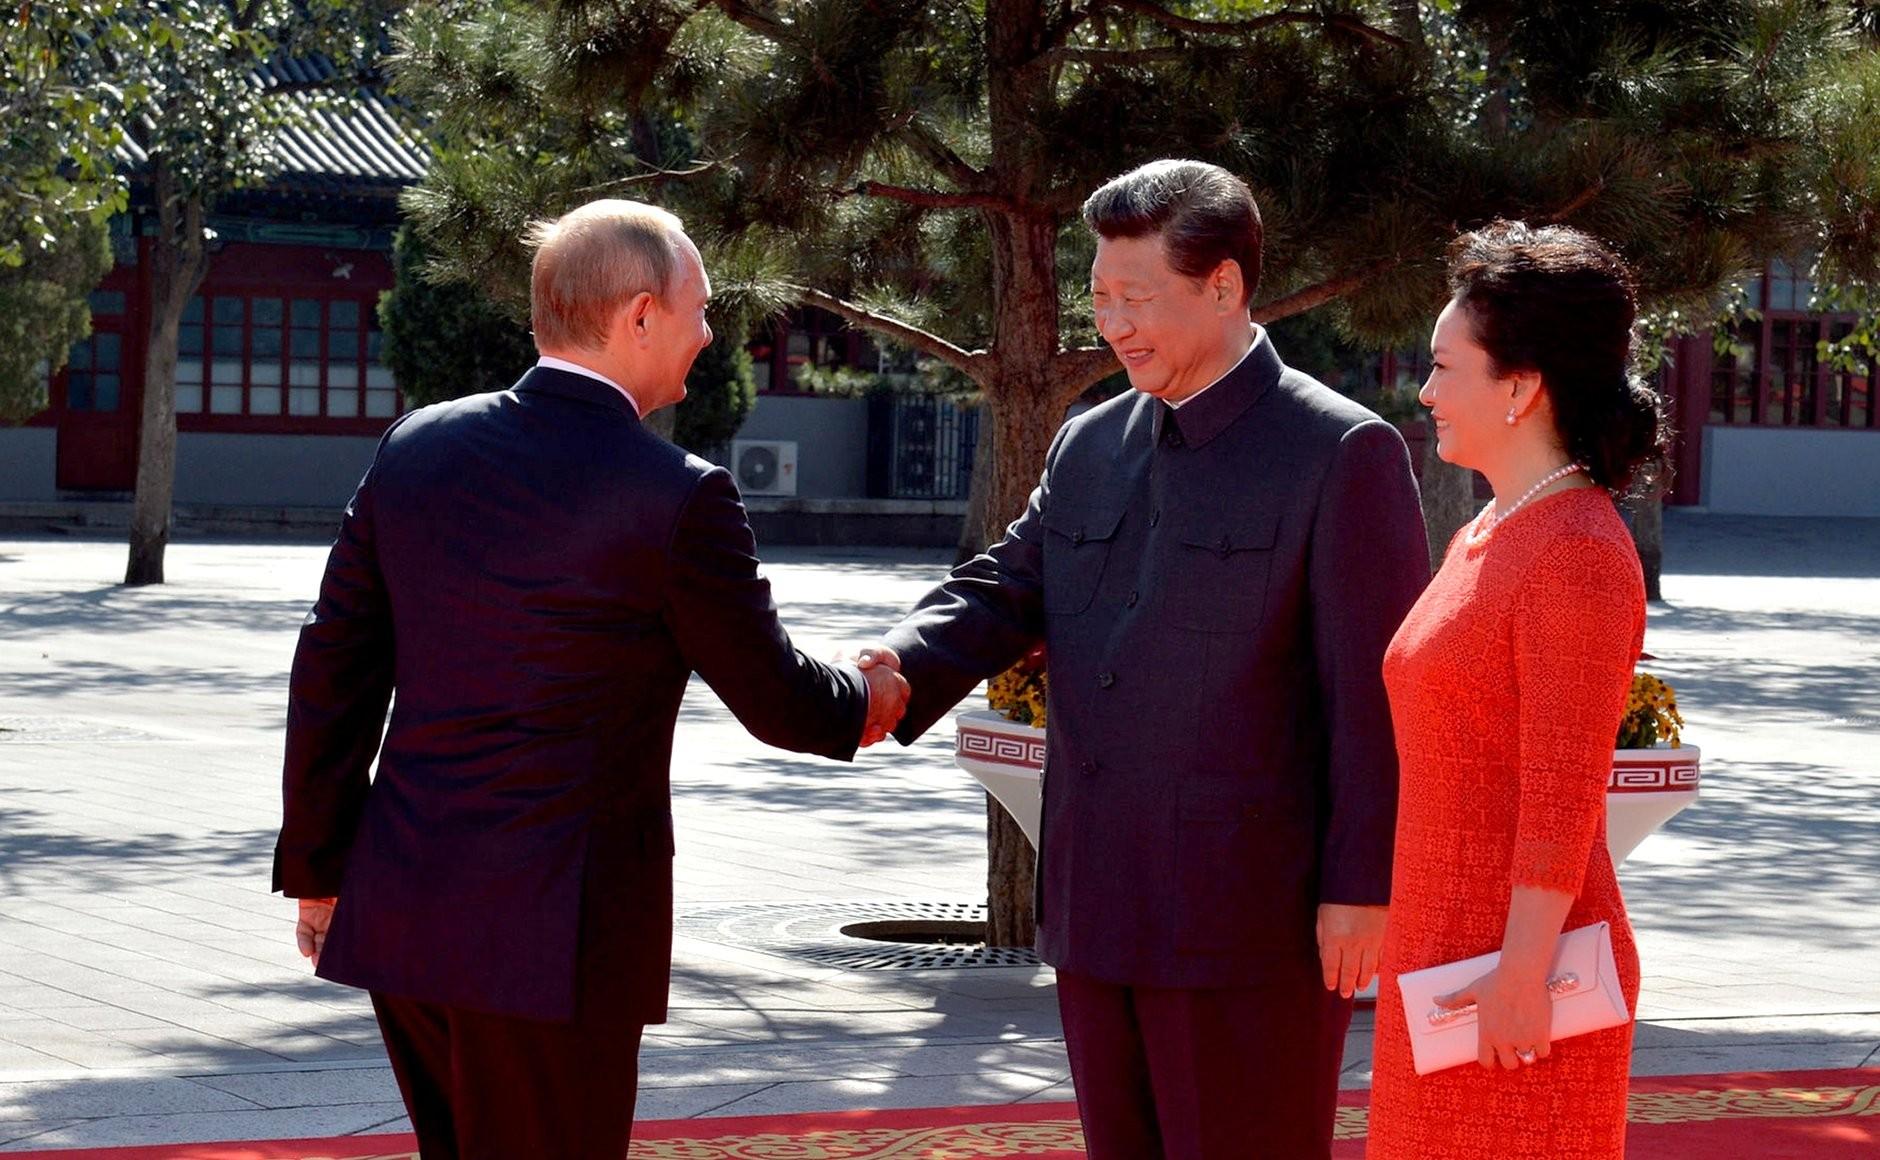 Владимир Путин с председателем КНР Си Цзиньпином и его супругой Пэн Лиюань перед началом военного парада 3 сентября 2015 года в честь 70-й годовщины Победы китайского народа в войне сопротивления Японии и окончания Второй мировой войны